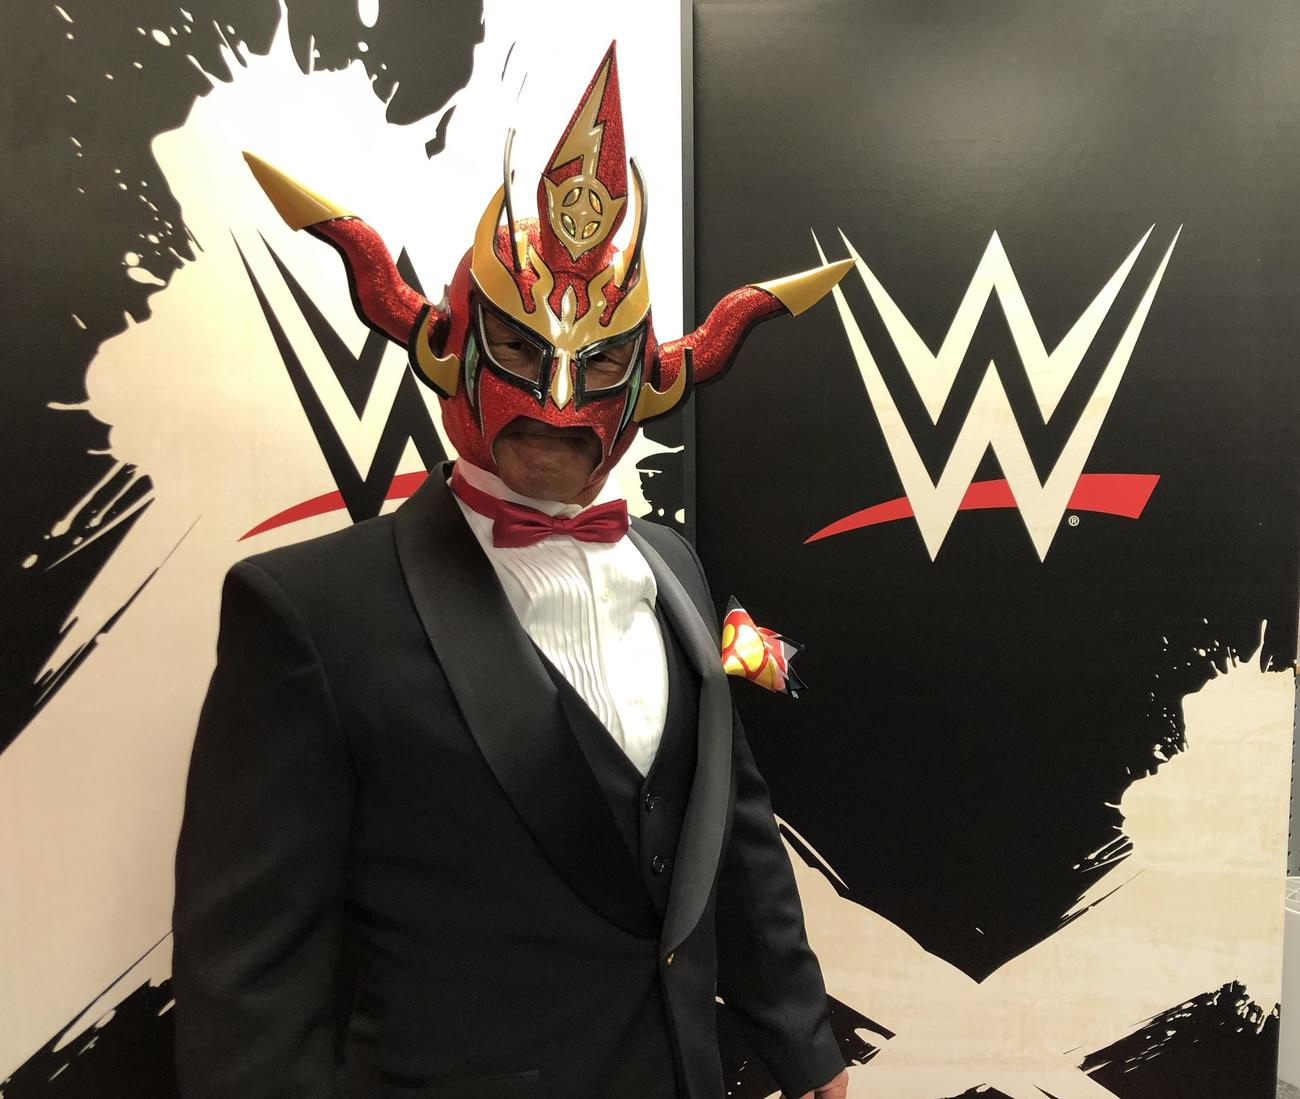 20年WWE殿堂入り式典に映像で登場した新日本プロレスの獣神サンダー・ライガー(C)2021 WWE, Inc. All Rights Reserved.